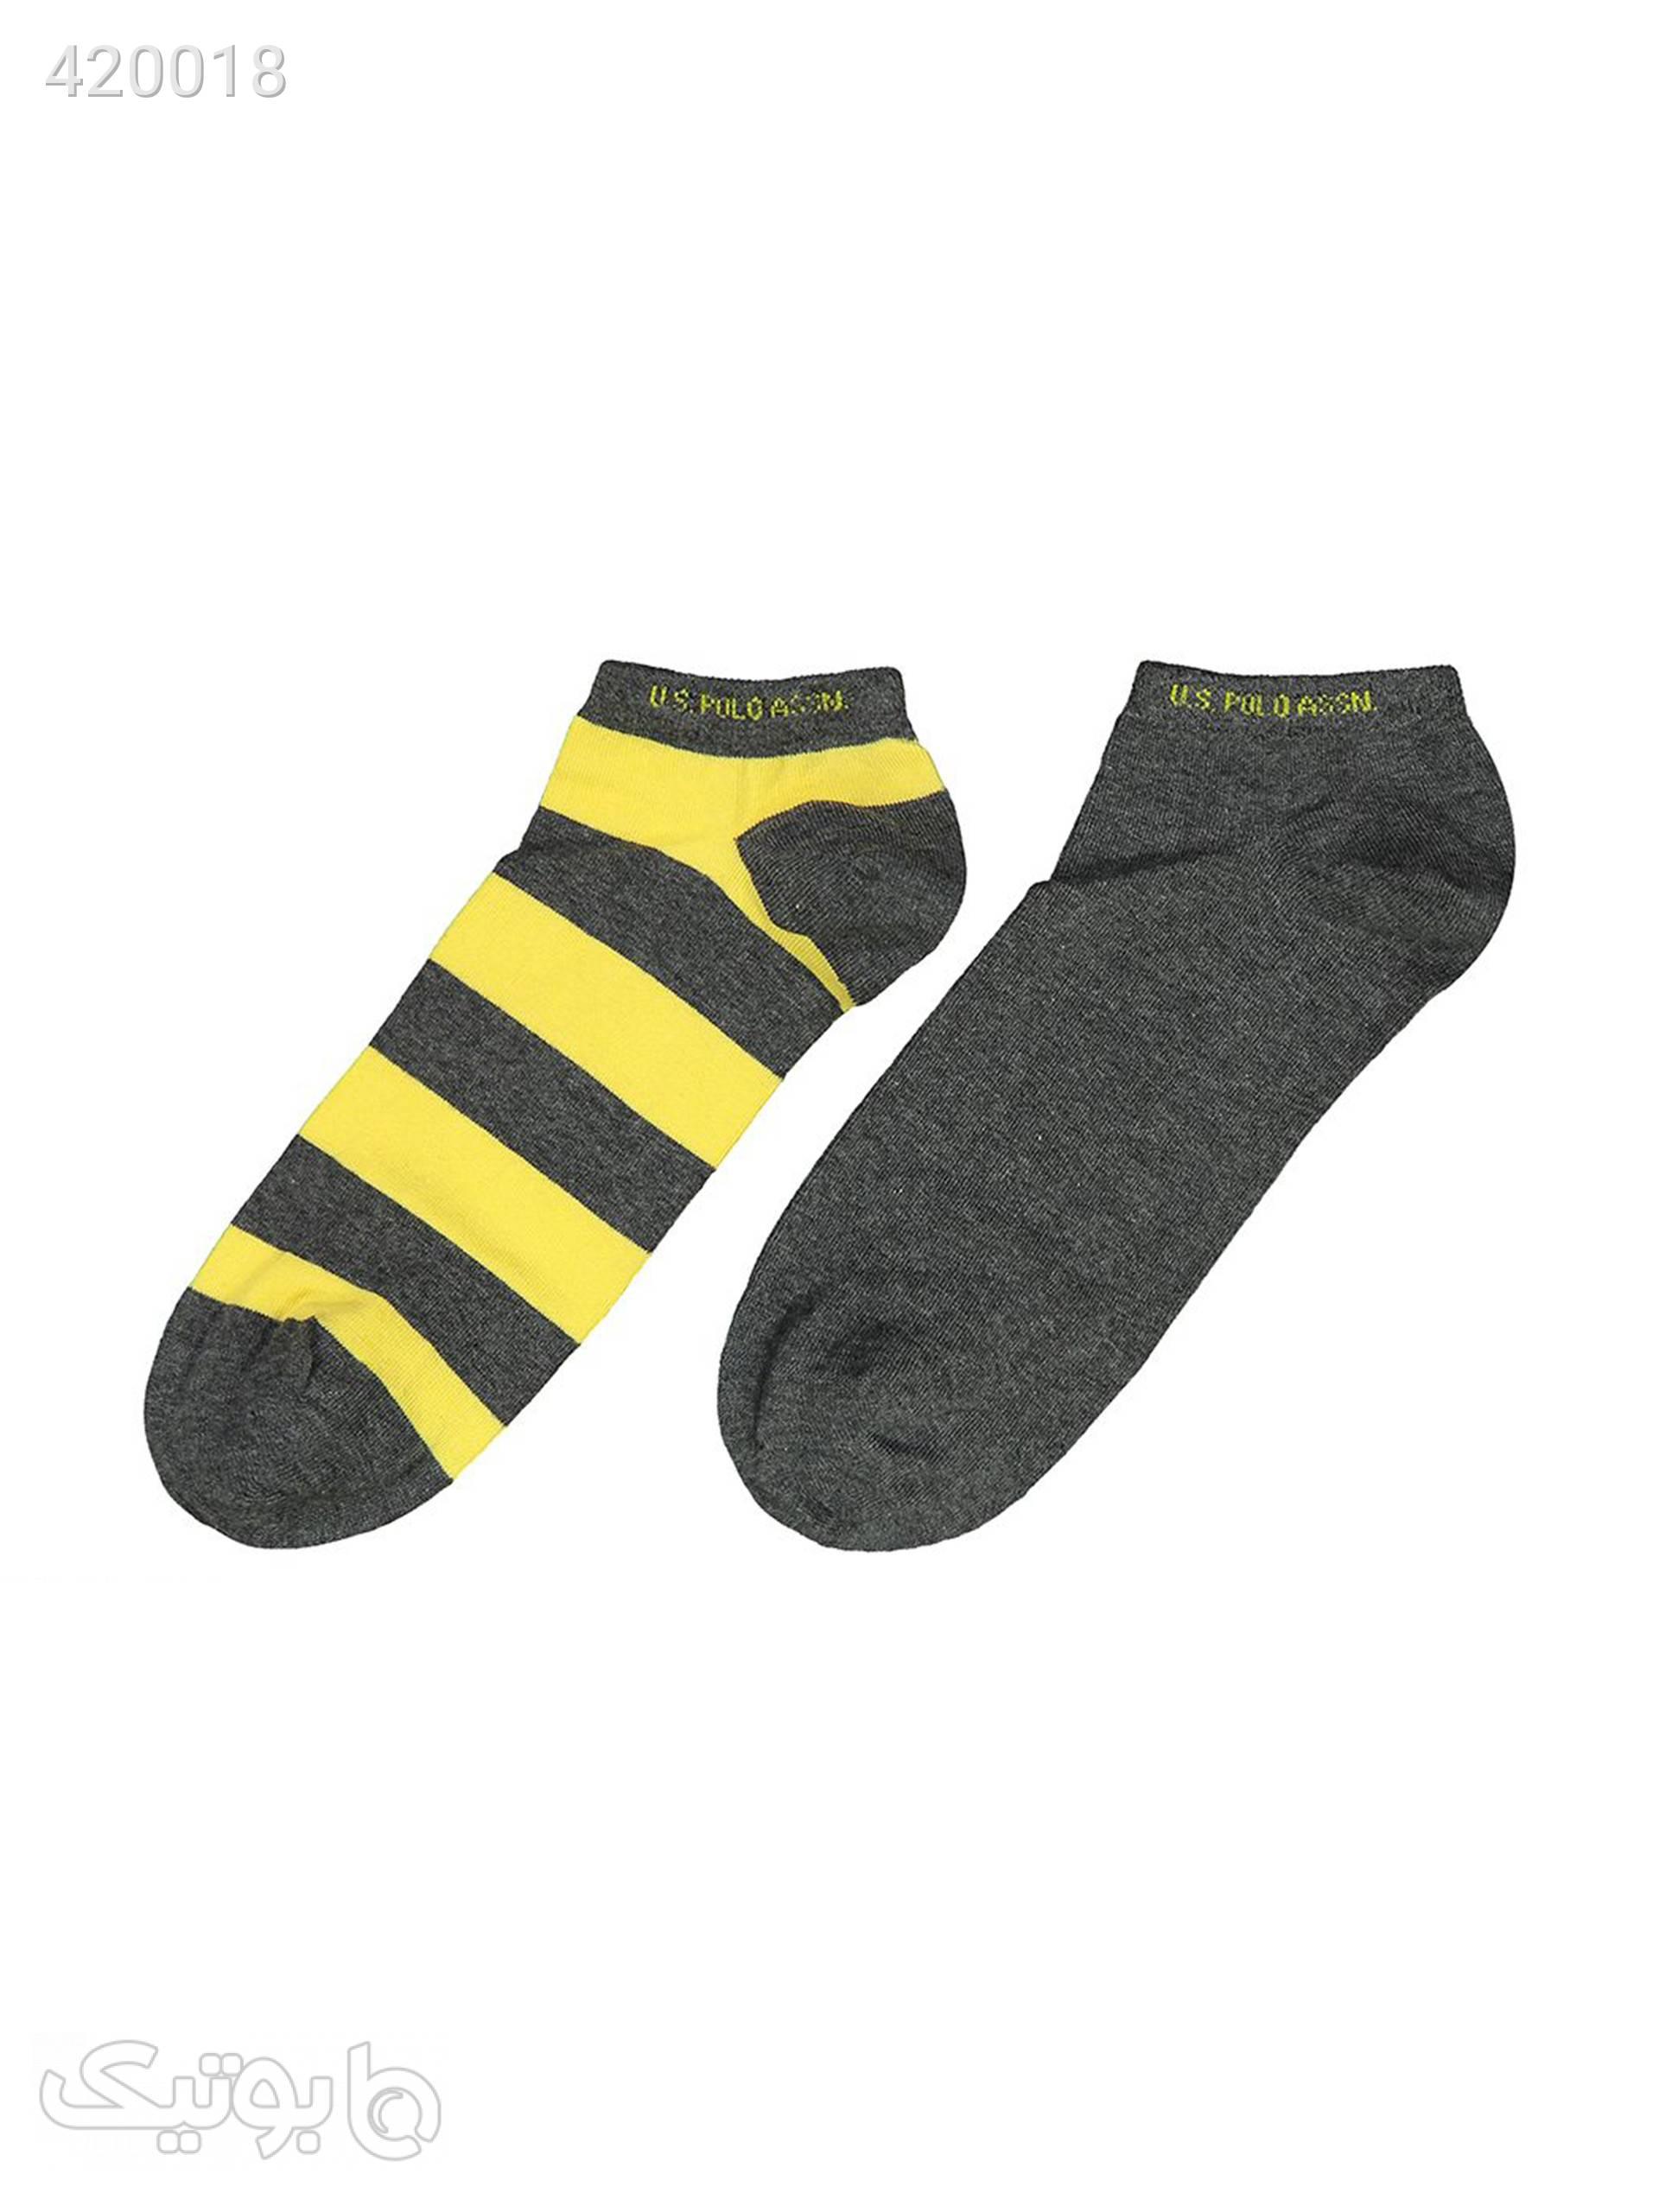 جوراب مردانه یو اس پولو کد 1 بسته 2 عددی  طوسی جوراب و پاپوش